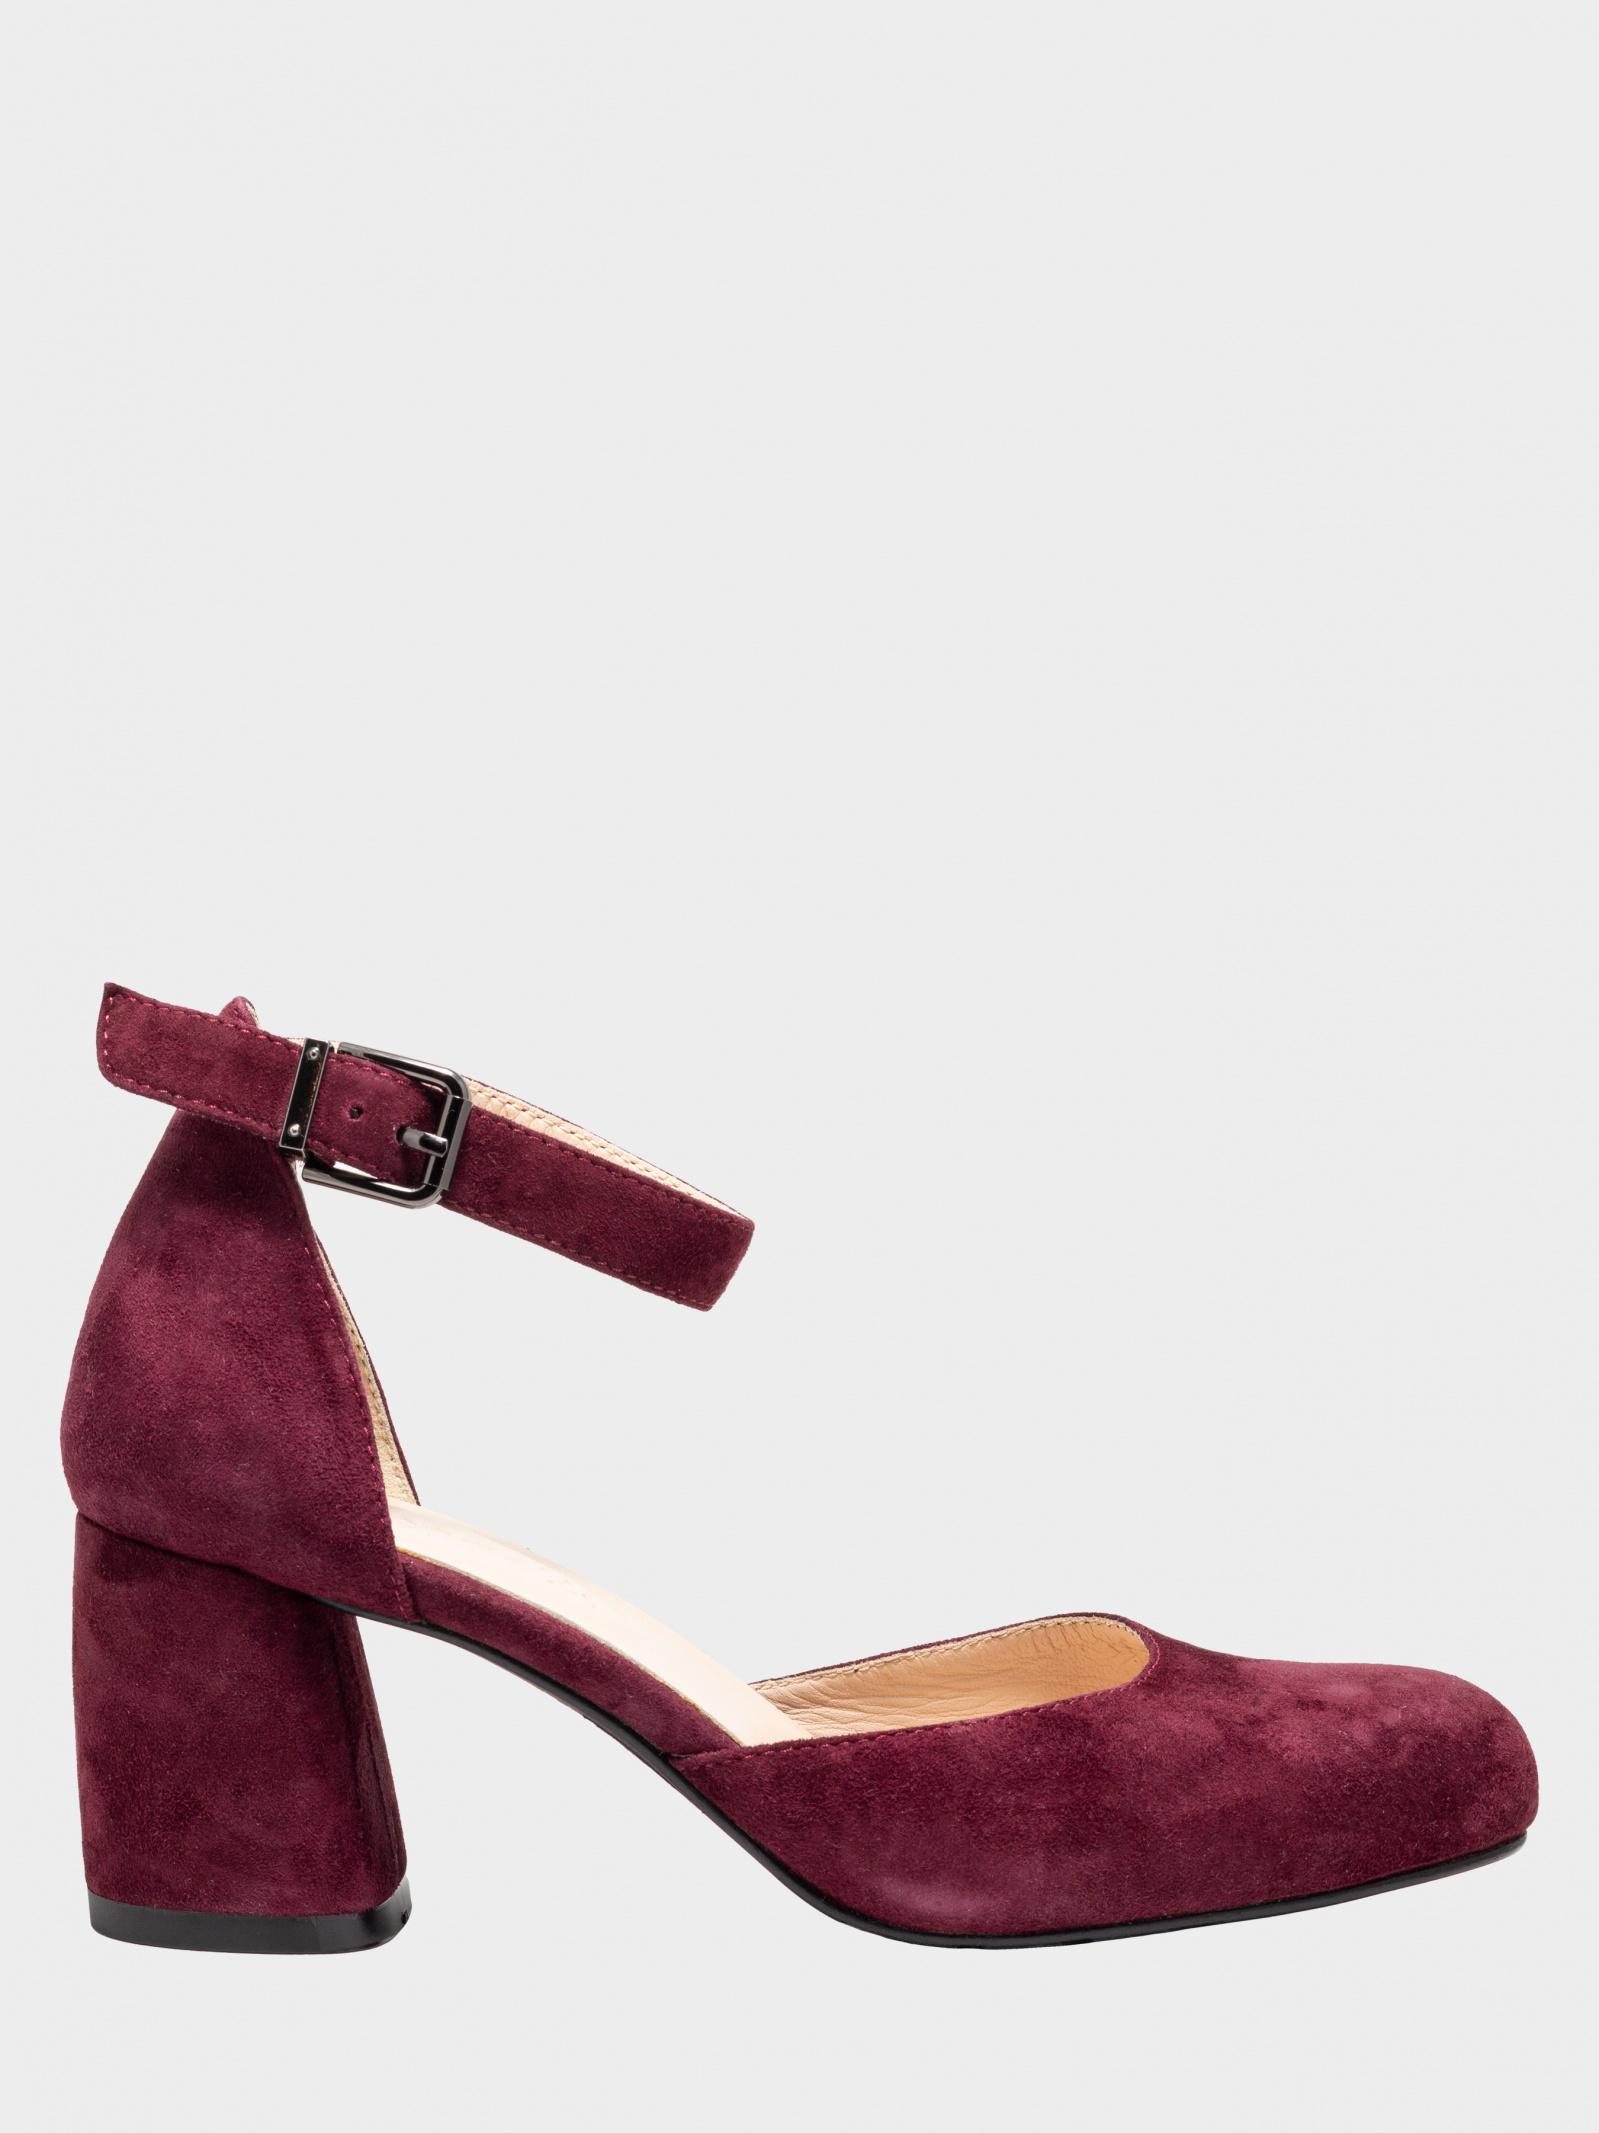 Босоніжки  жіночі Enzo Verratti 18-91270-2 розміри взуття, 2017